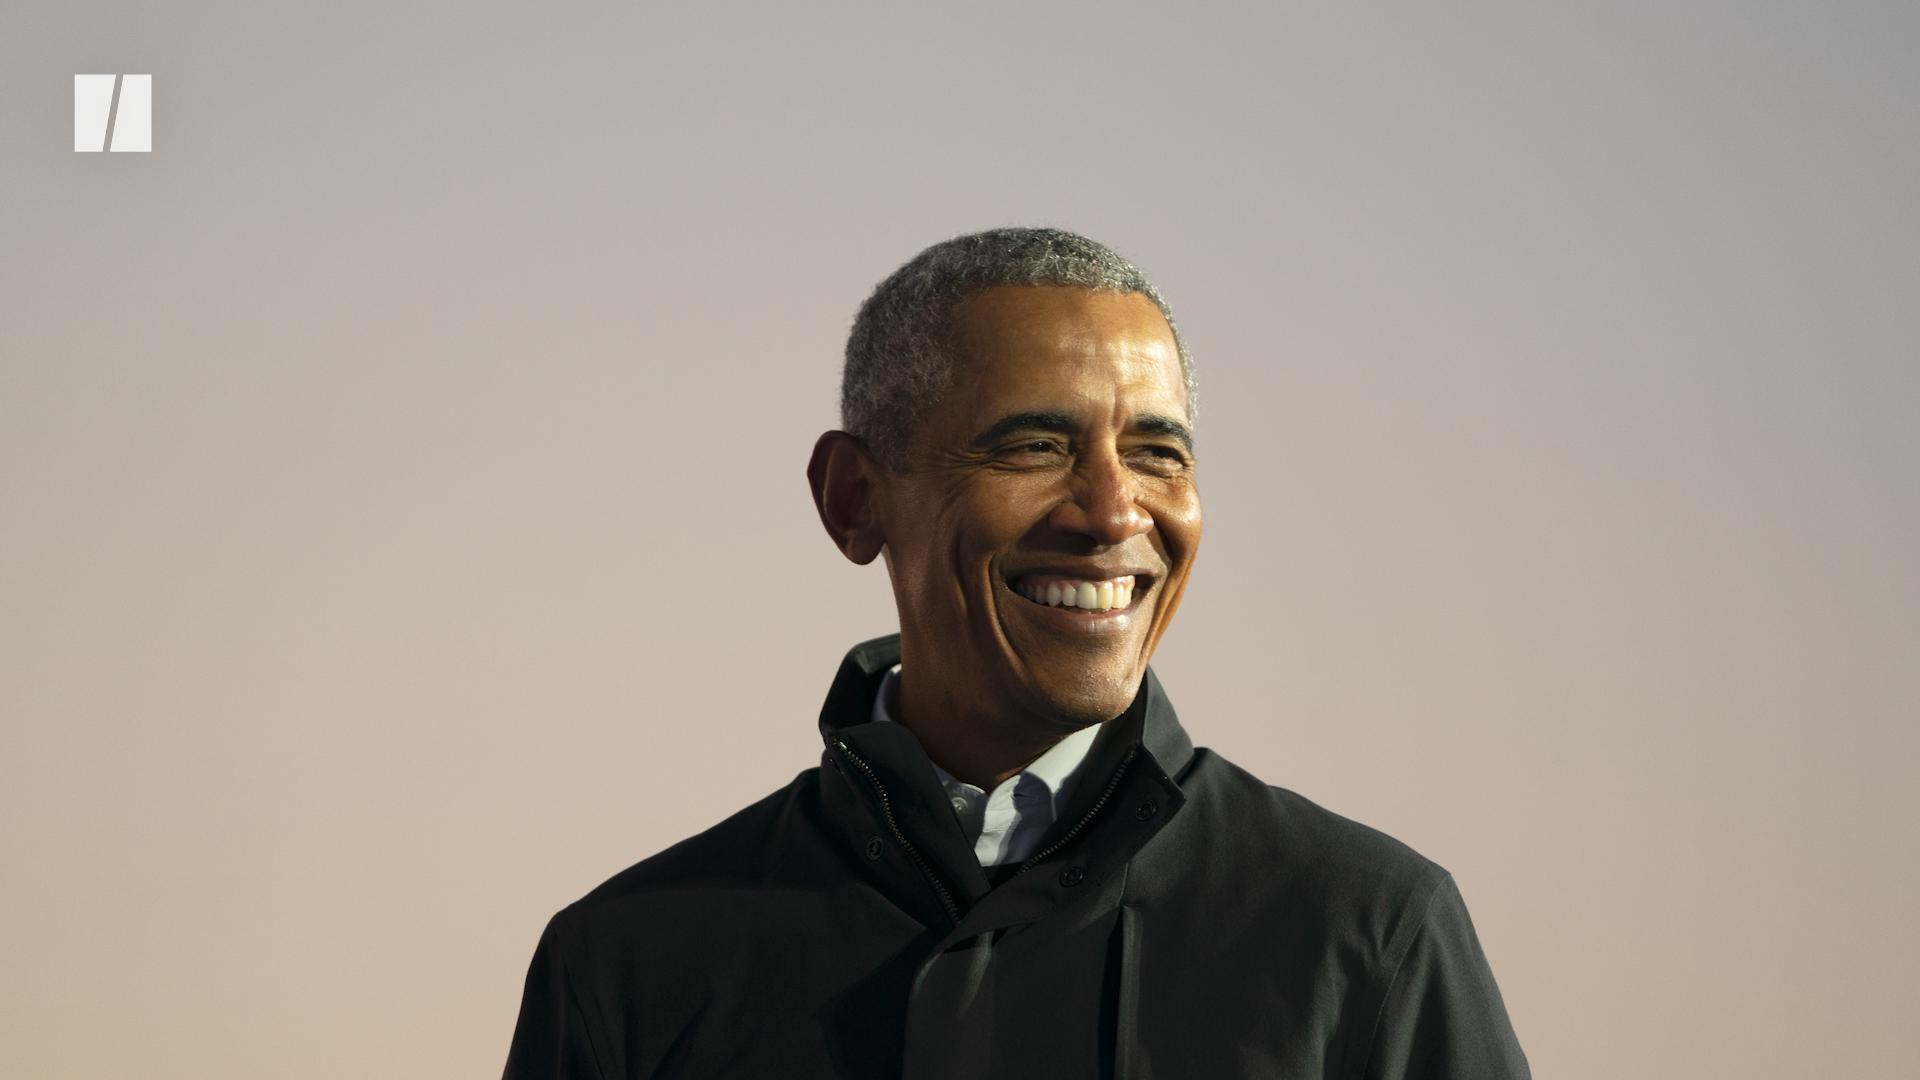 Barack Obama's Big Birthday Bash Downsized